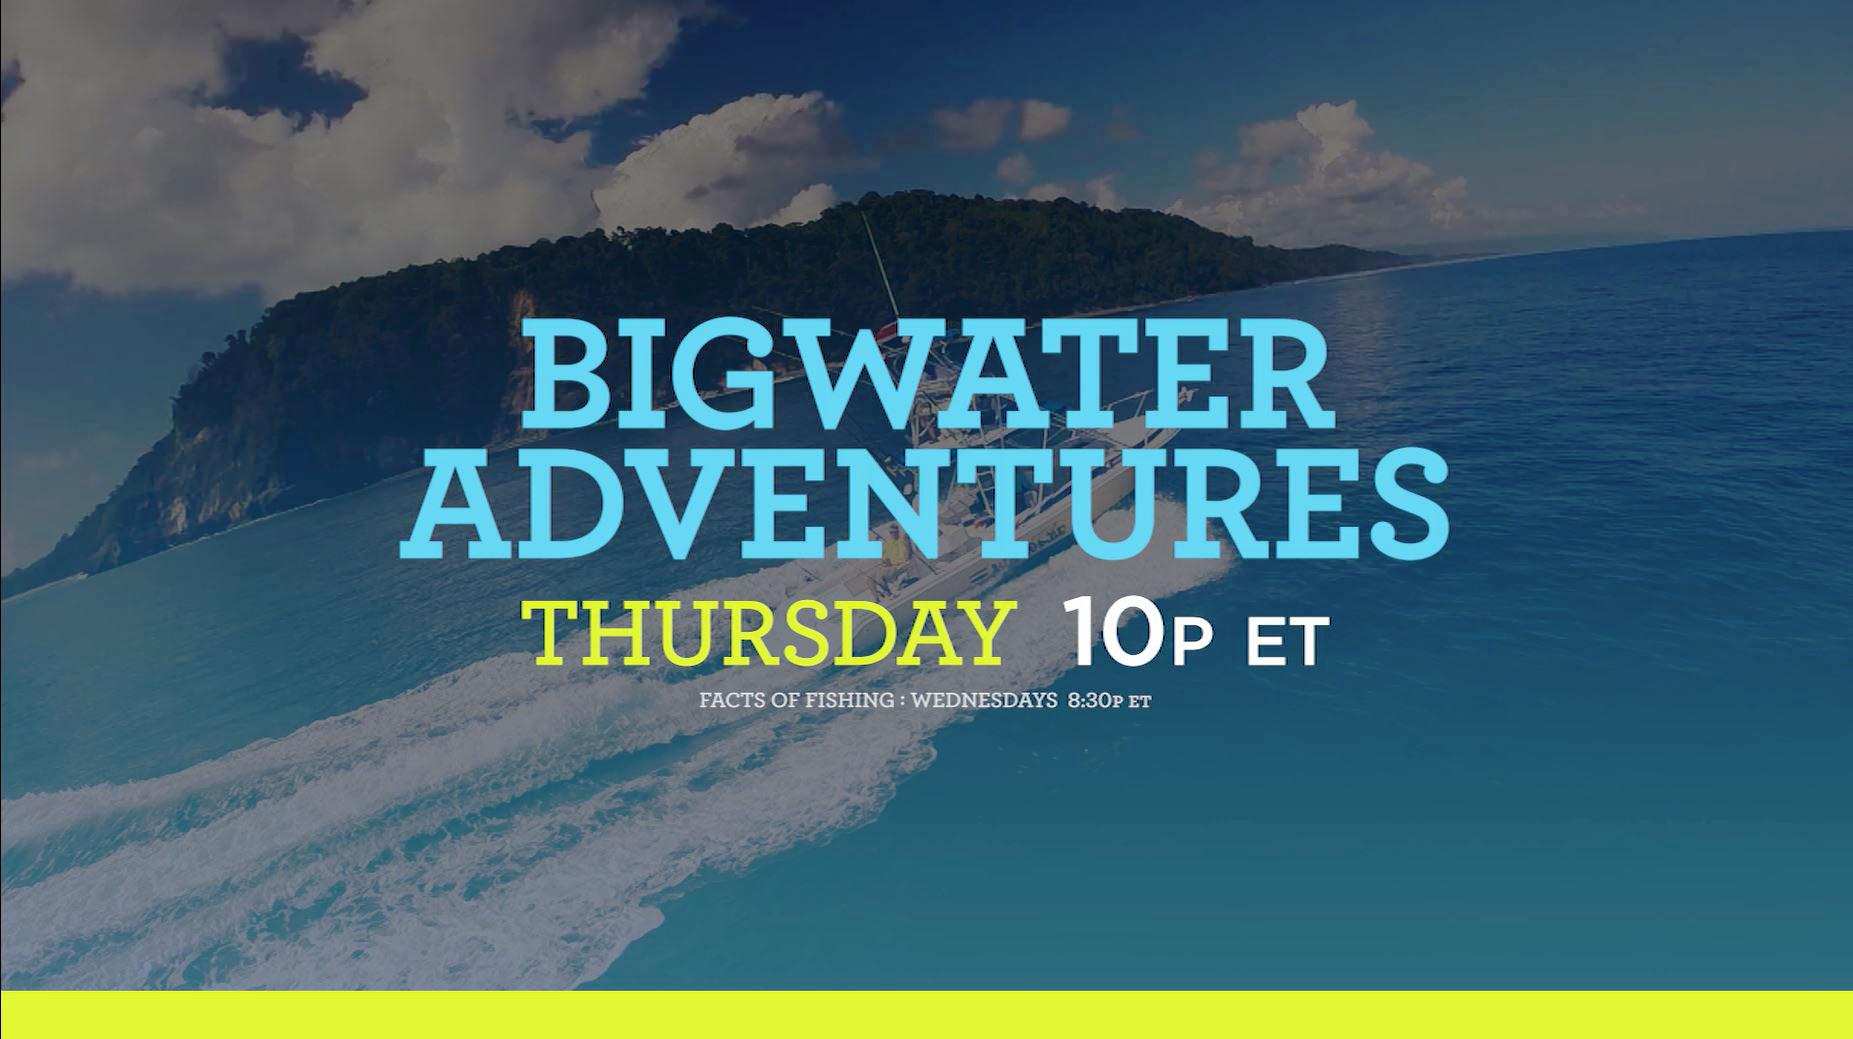 BigWater Adventures THU 10P ET